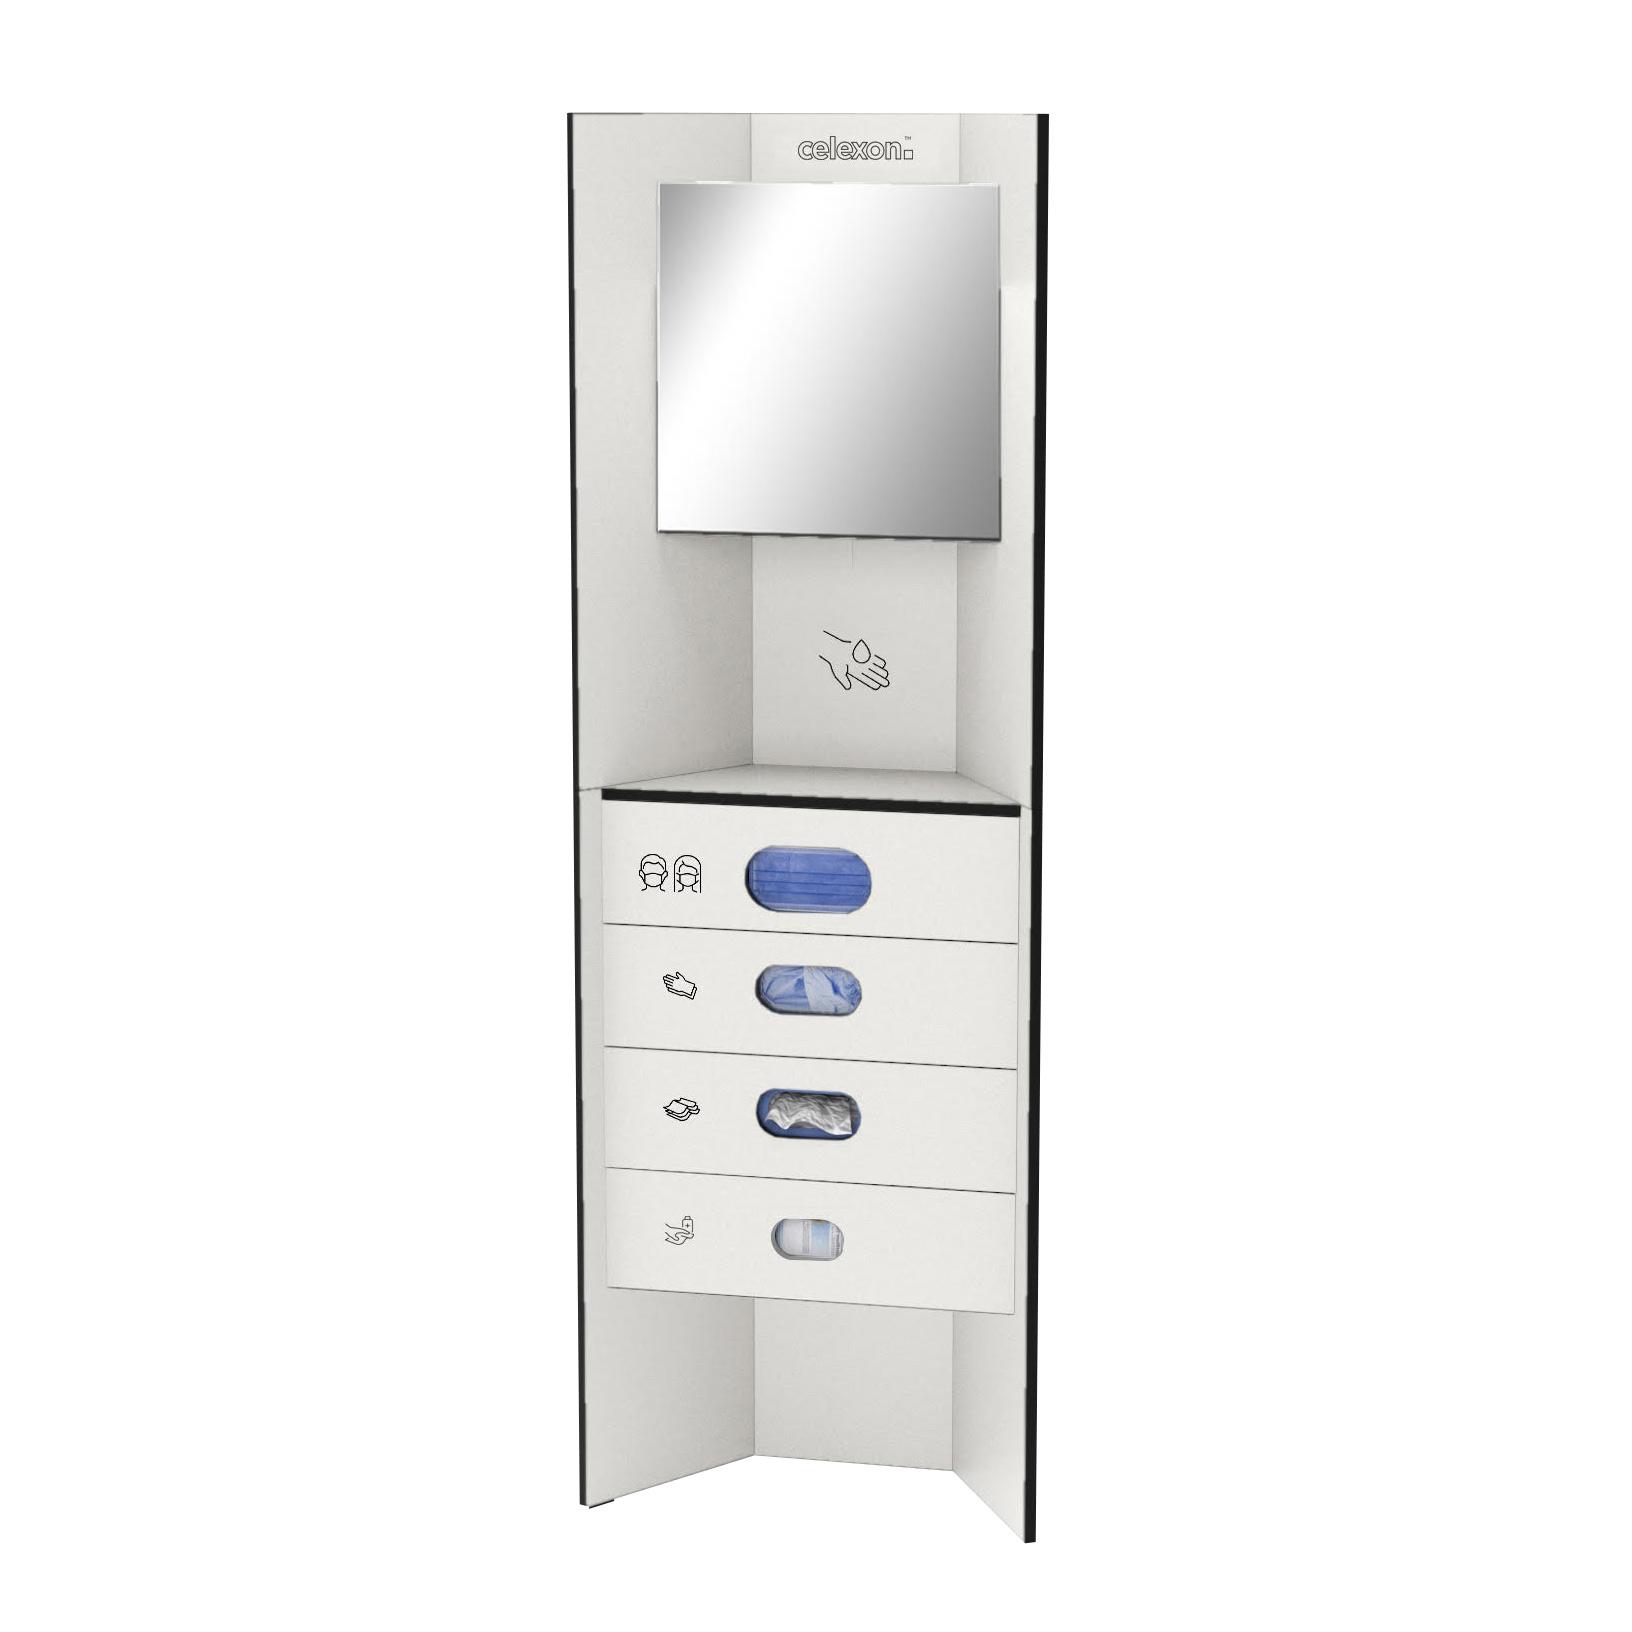 celexon Hygiene Station 180 all-in (inkl. aller Module) - Weiß